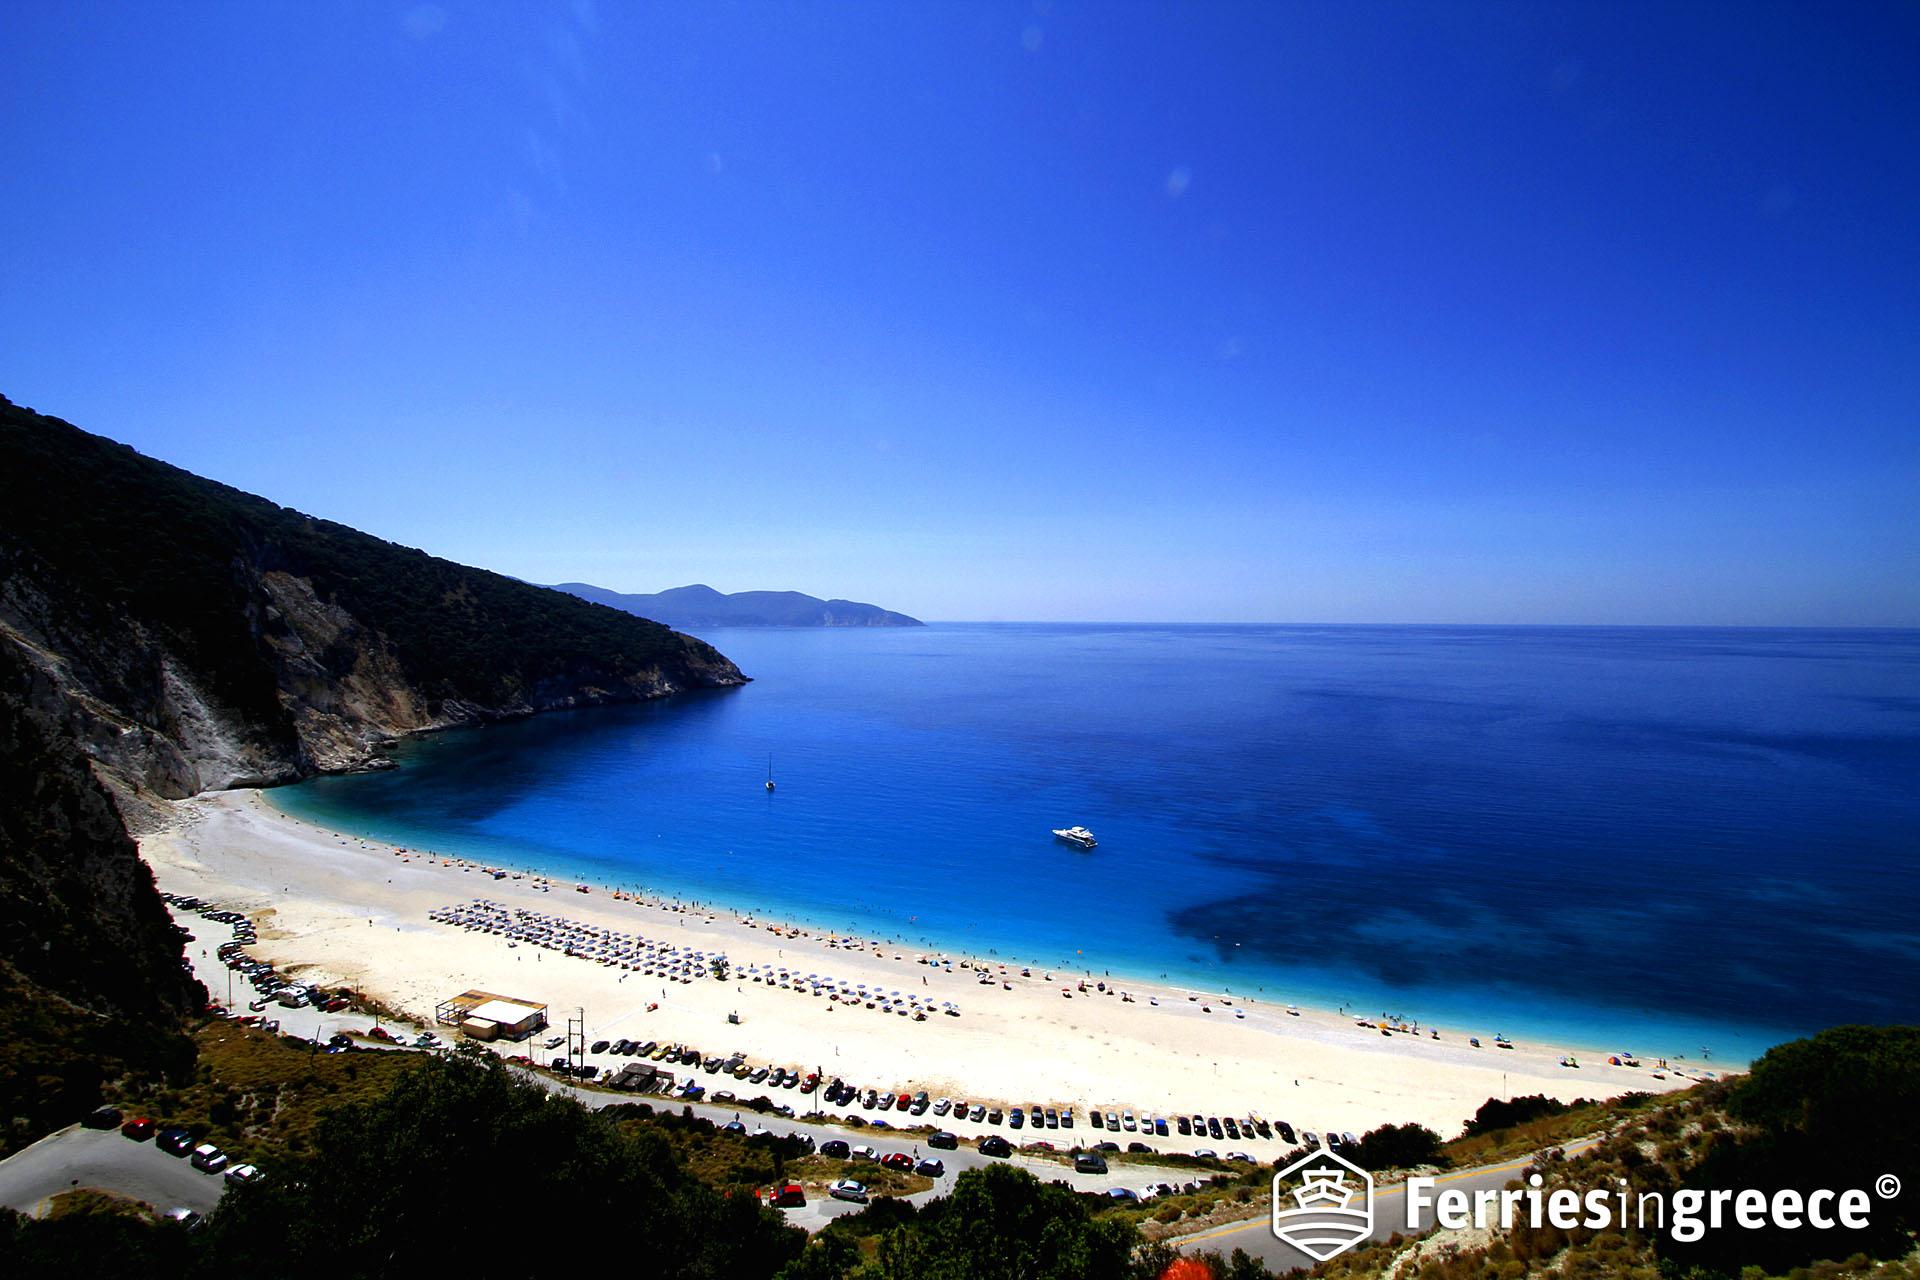 Best beaches in the Greek islands: Myrtos beach